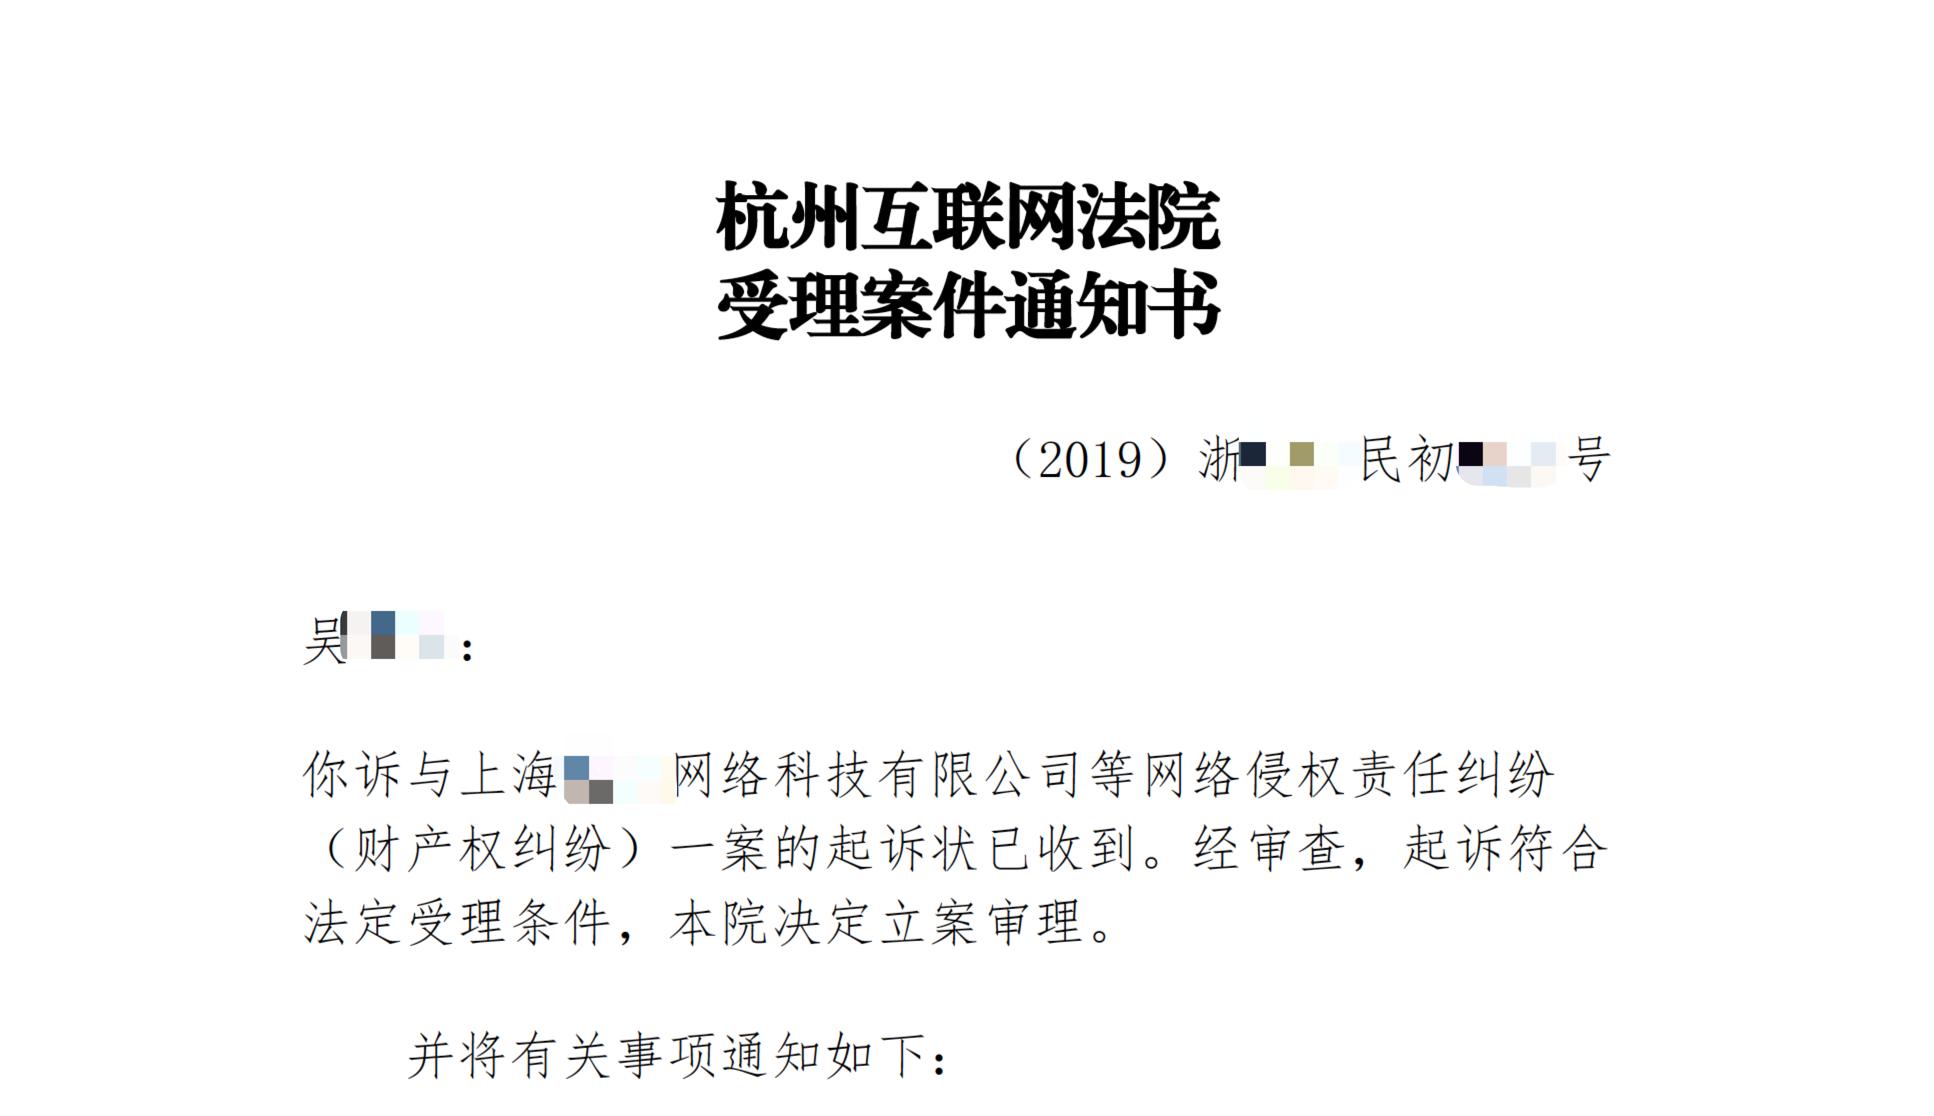 杭州互联网法院立案:比特币网络财产侵权纠纷案件